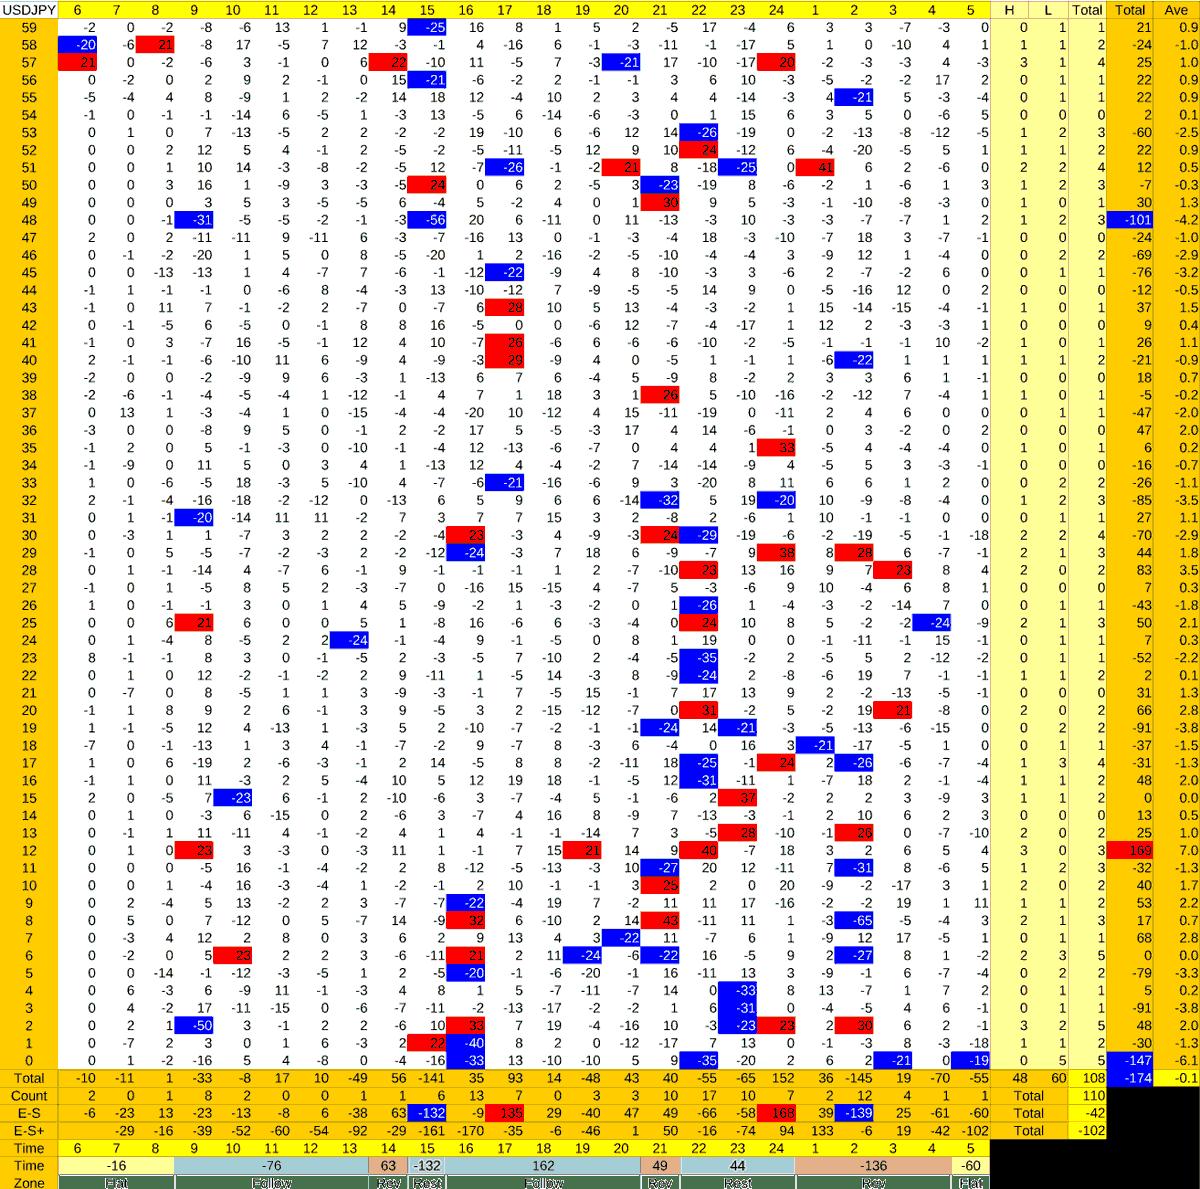 20210422_HS(1)USDJPY